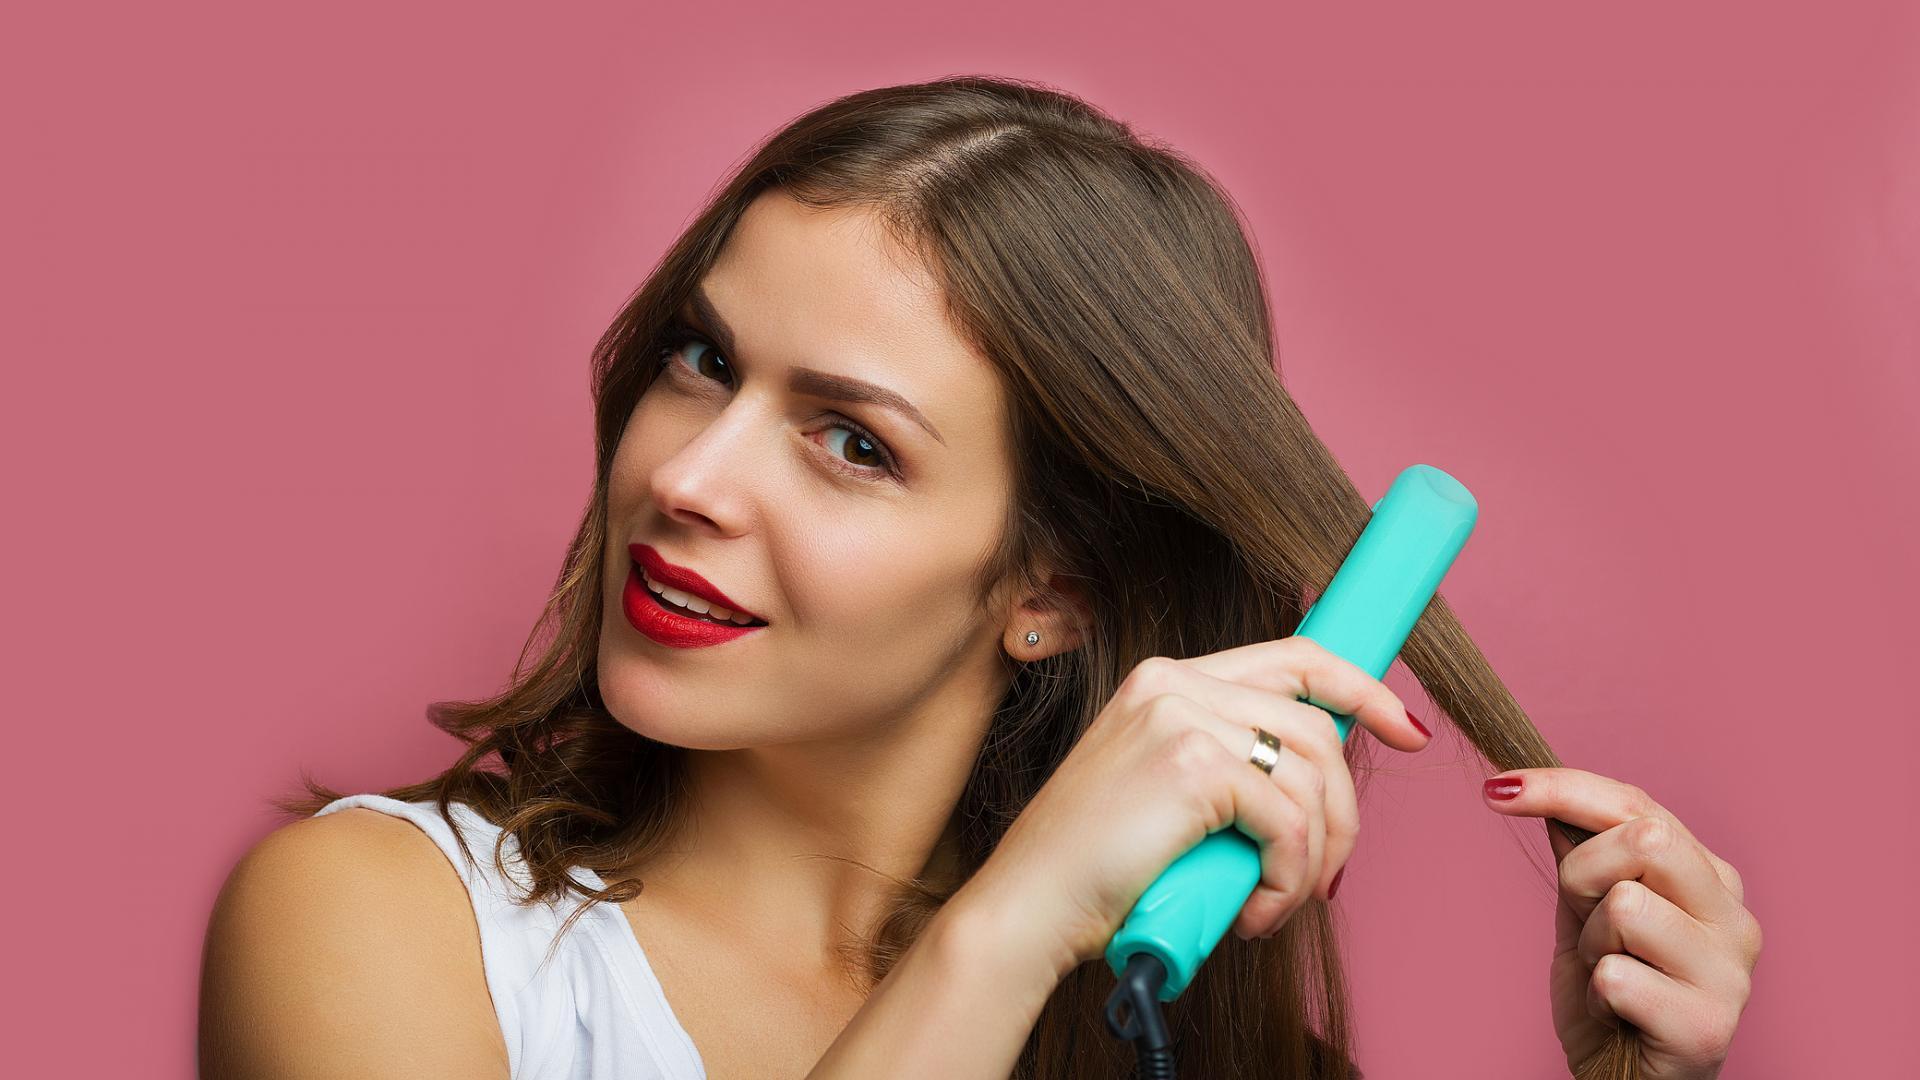 Frau glättet sich Haare vor dem schneiden